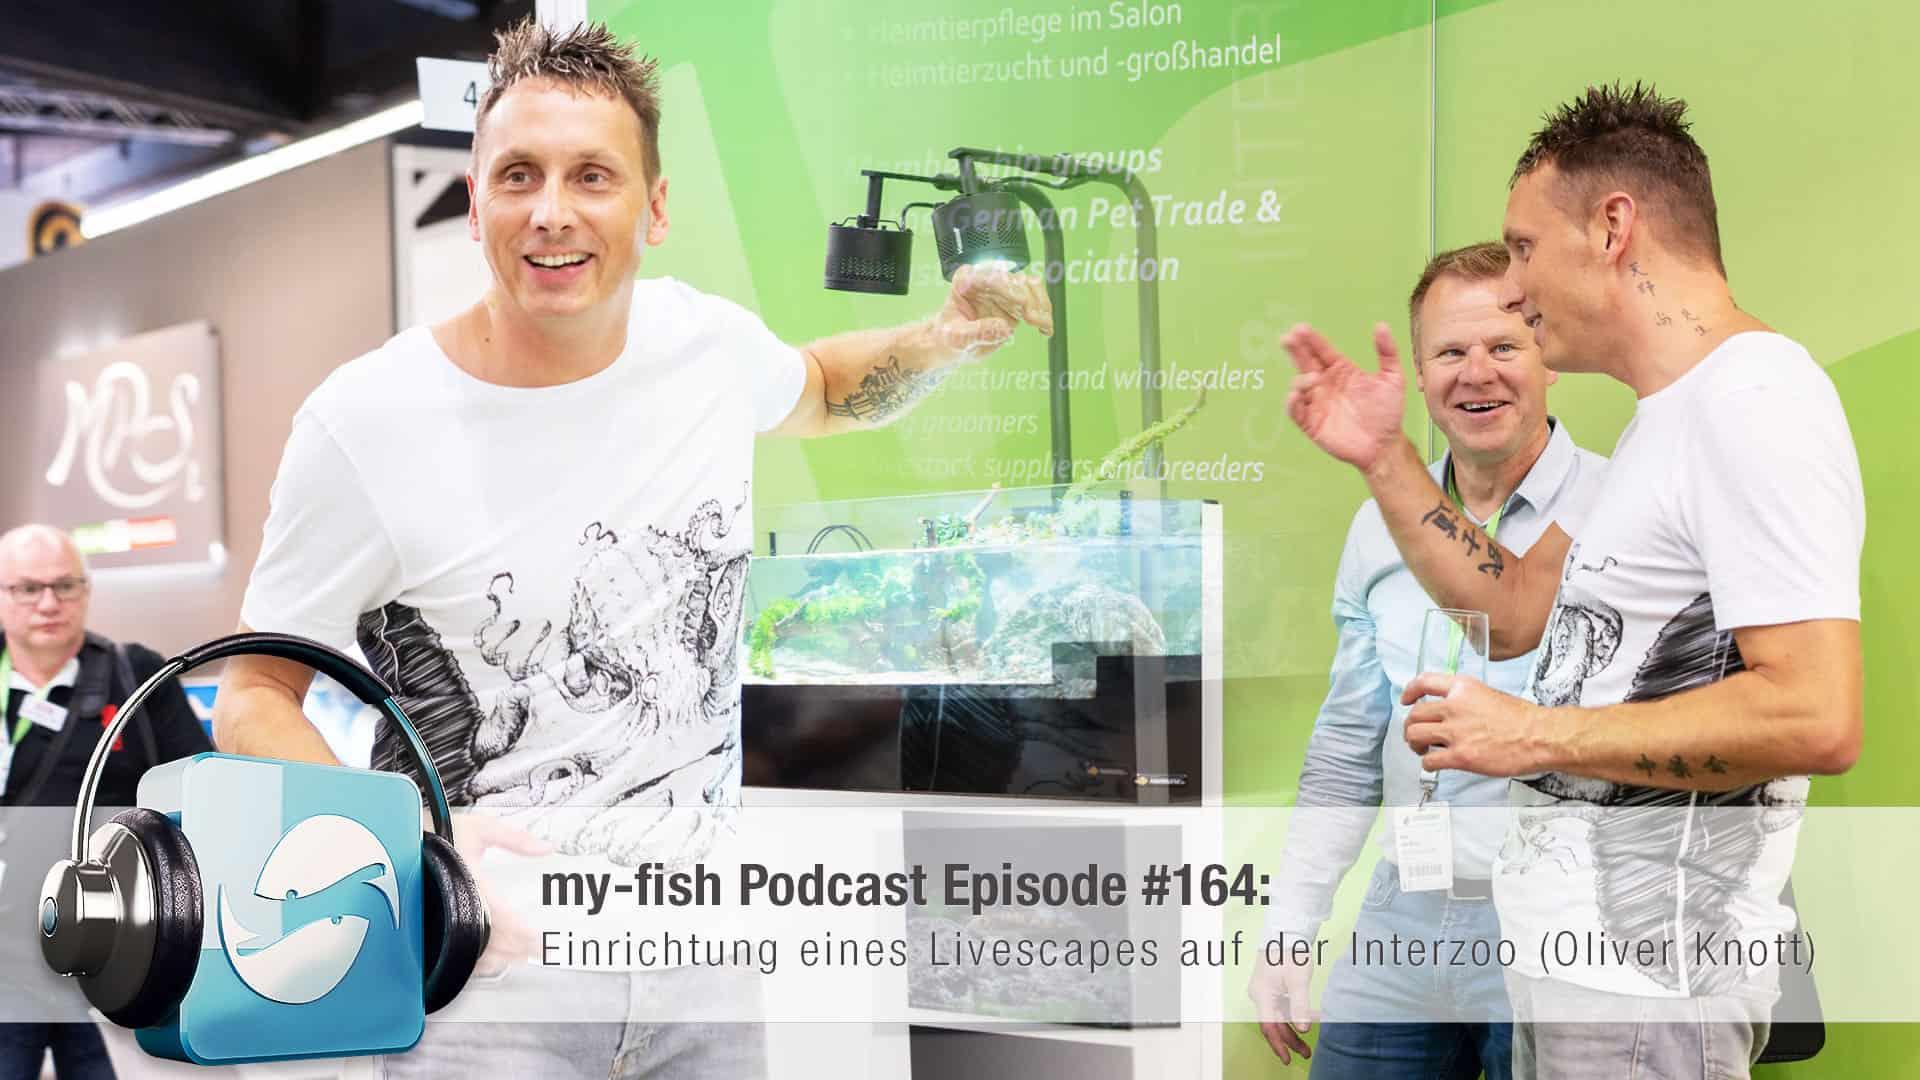 Podcast Episode #164: Einrichtung eines Livescapes auf der Interzoo (Oliver Knott) 1